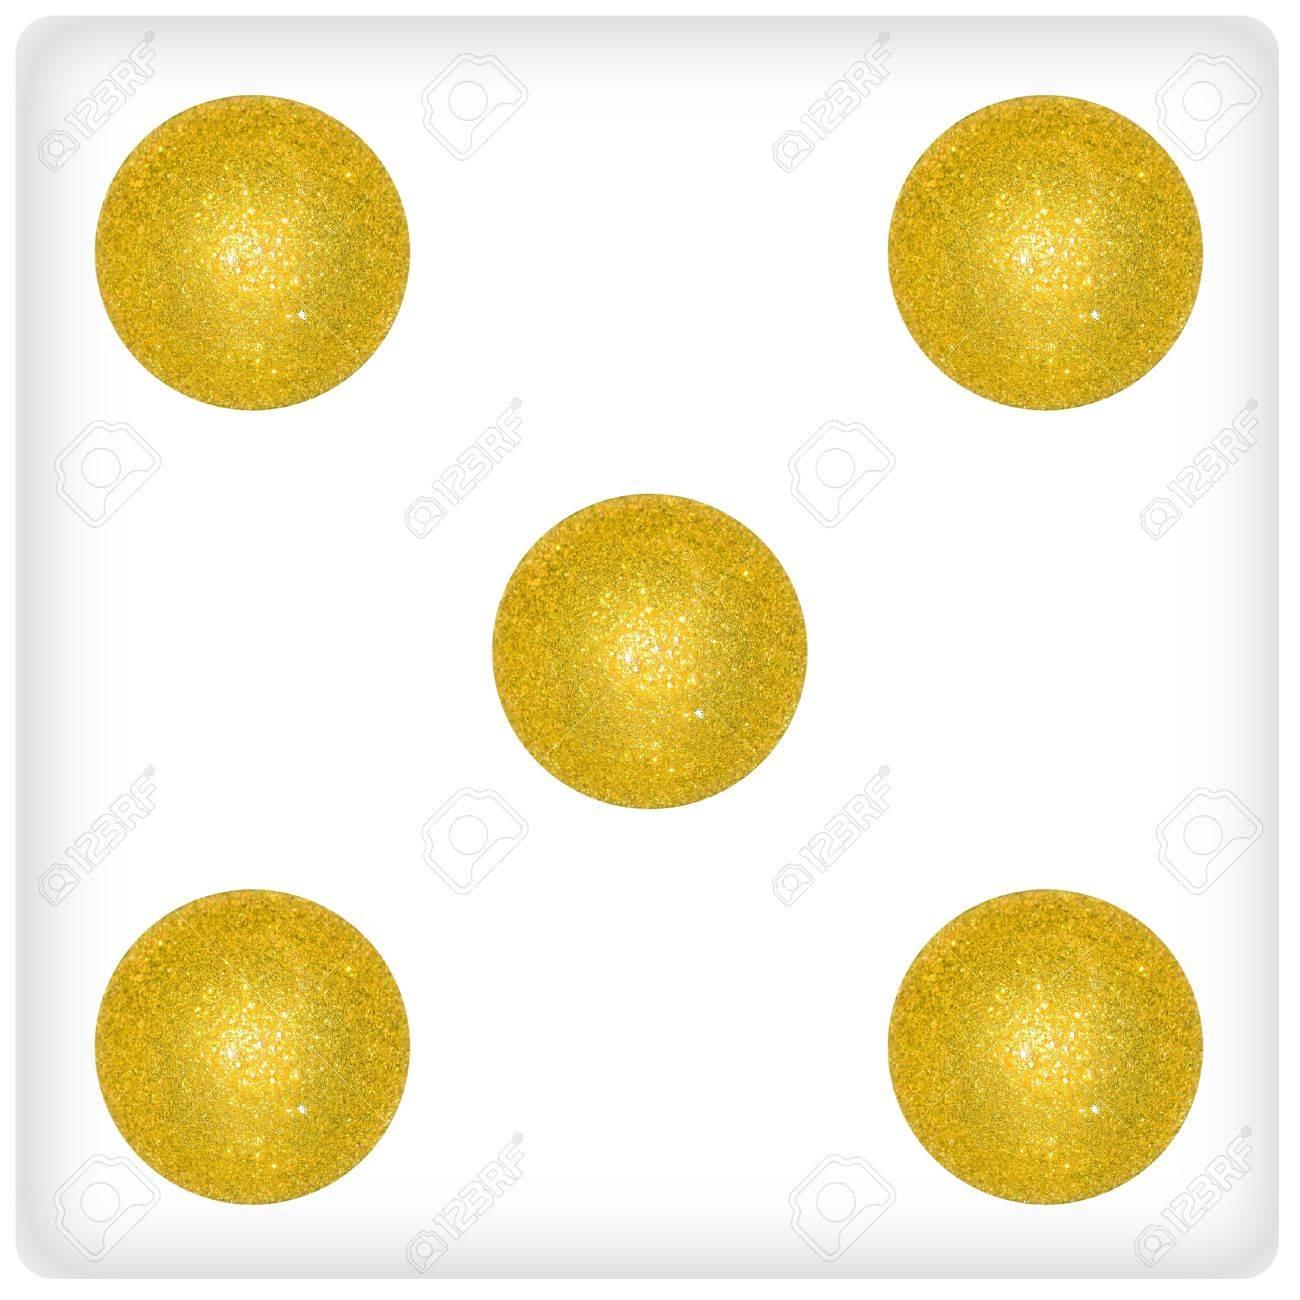 Five, gold, golden, balls, ball, xmas, festive, dice Stock Photo - 13114320